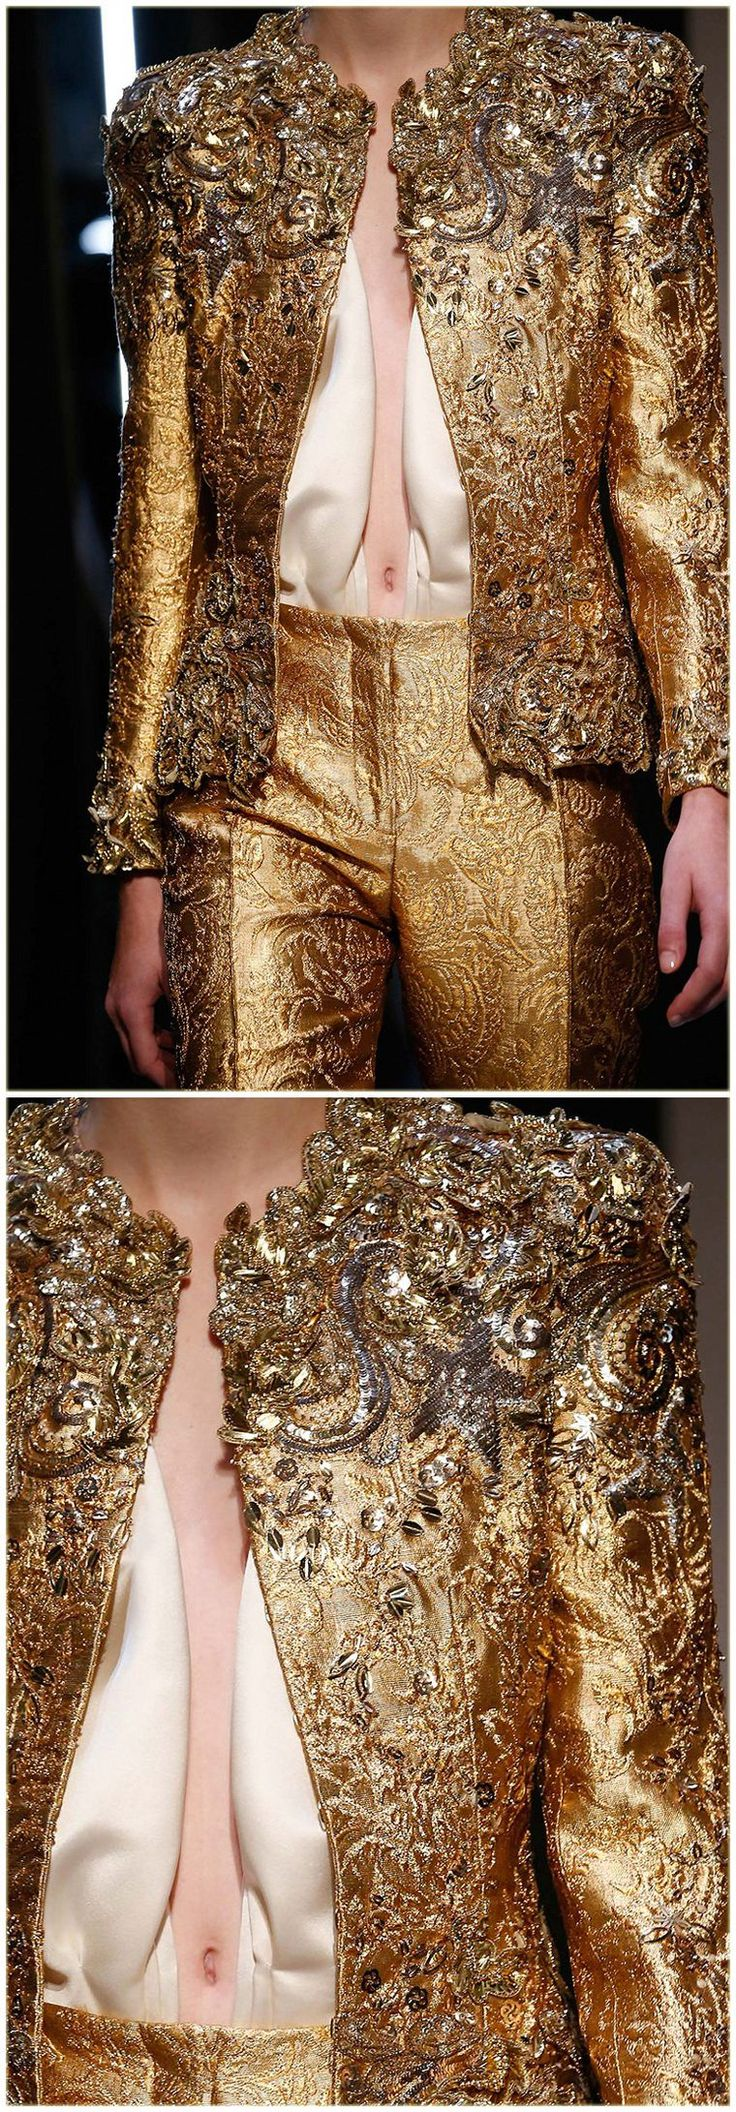 Недавно я разыскала снимки очень высокого качества с недавних показов высокой моды, и, конечно, не смогла пройти мимо вышивок. Самое интересное — вырезала из крупных кадров, усилила резкость, чтобы не пропустить никакой важной мелочи, и теперь предлагаю всем полюбоваться на красоту в исполнении известных модельеров. Вначале — безумно красивые вышивки в нарядах китайского модельера Guo…